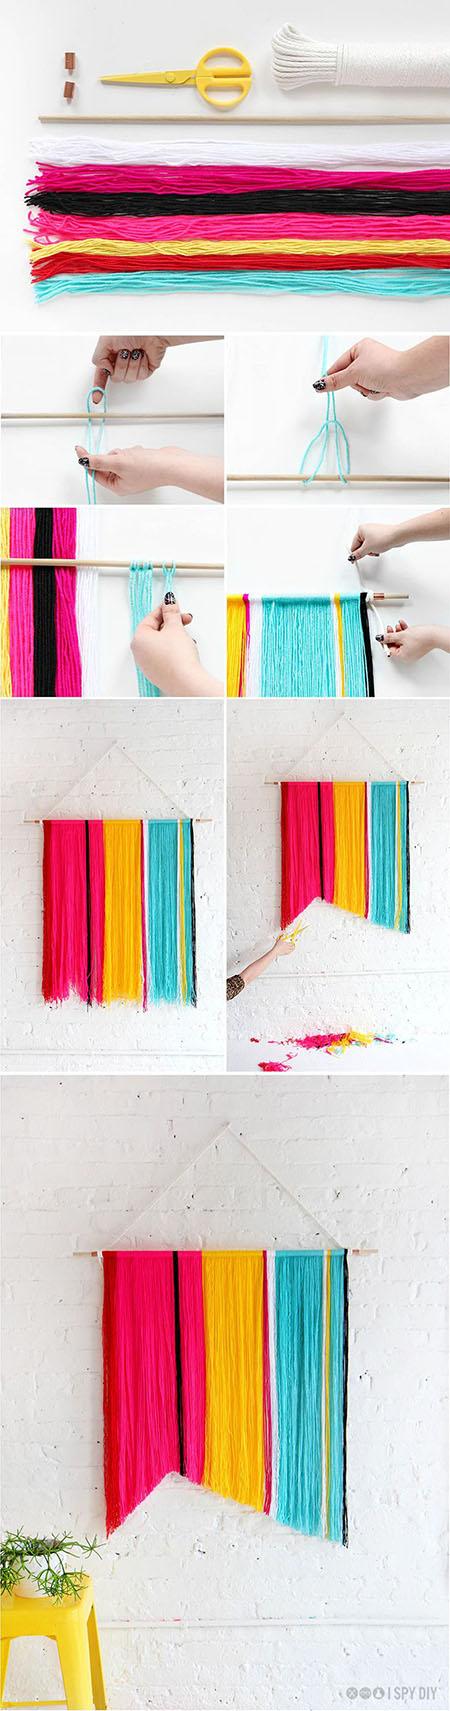 15  Yarn Wall Handingf720da